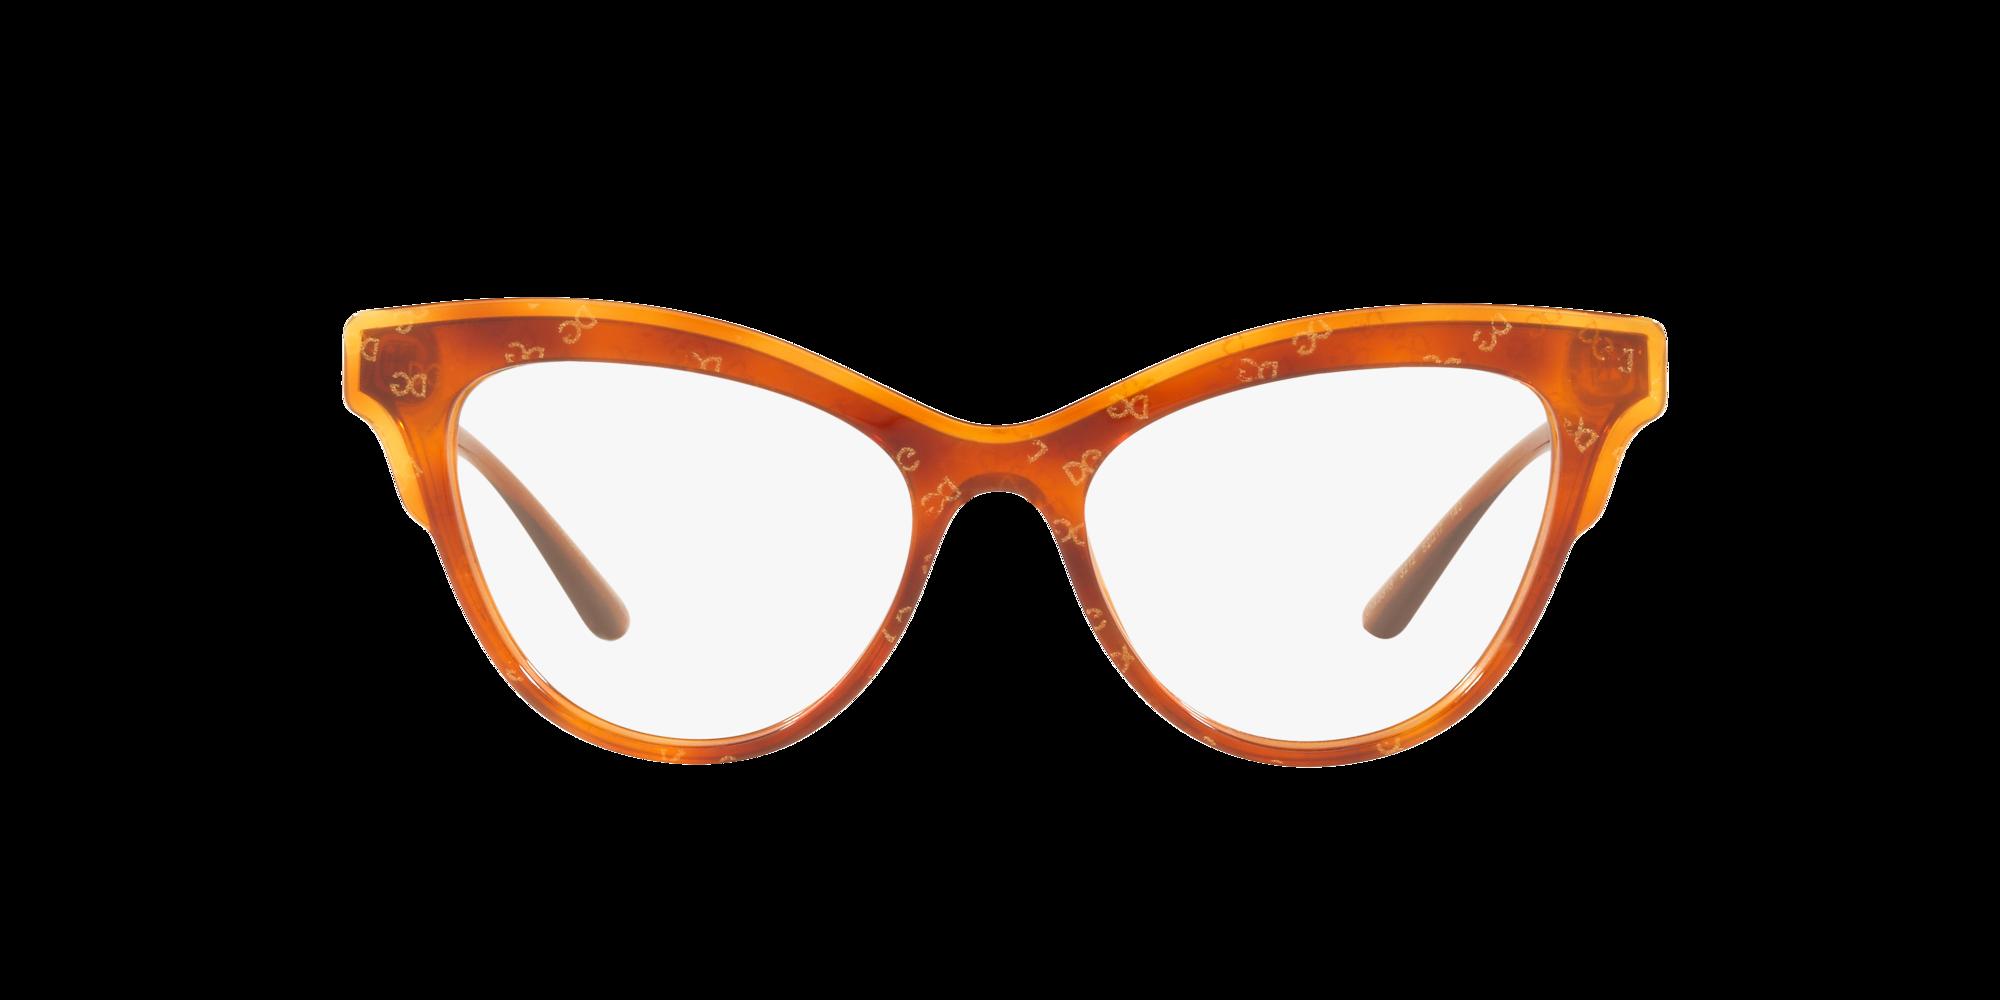 Imagen para DG3313 de LensCrafters |  Espejuelos, espejuelos graduados en línea, gafas